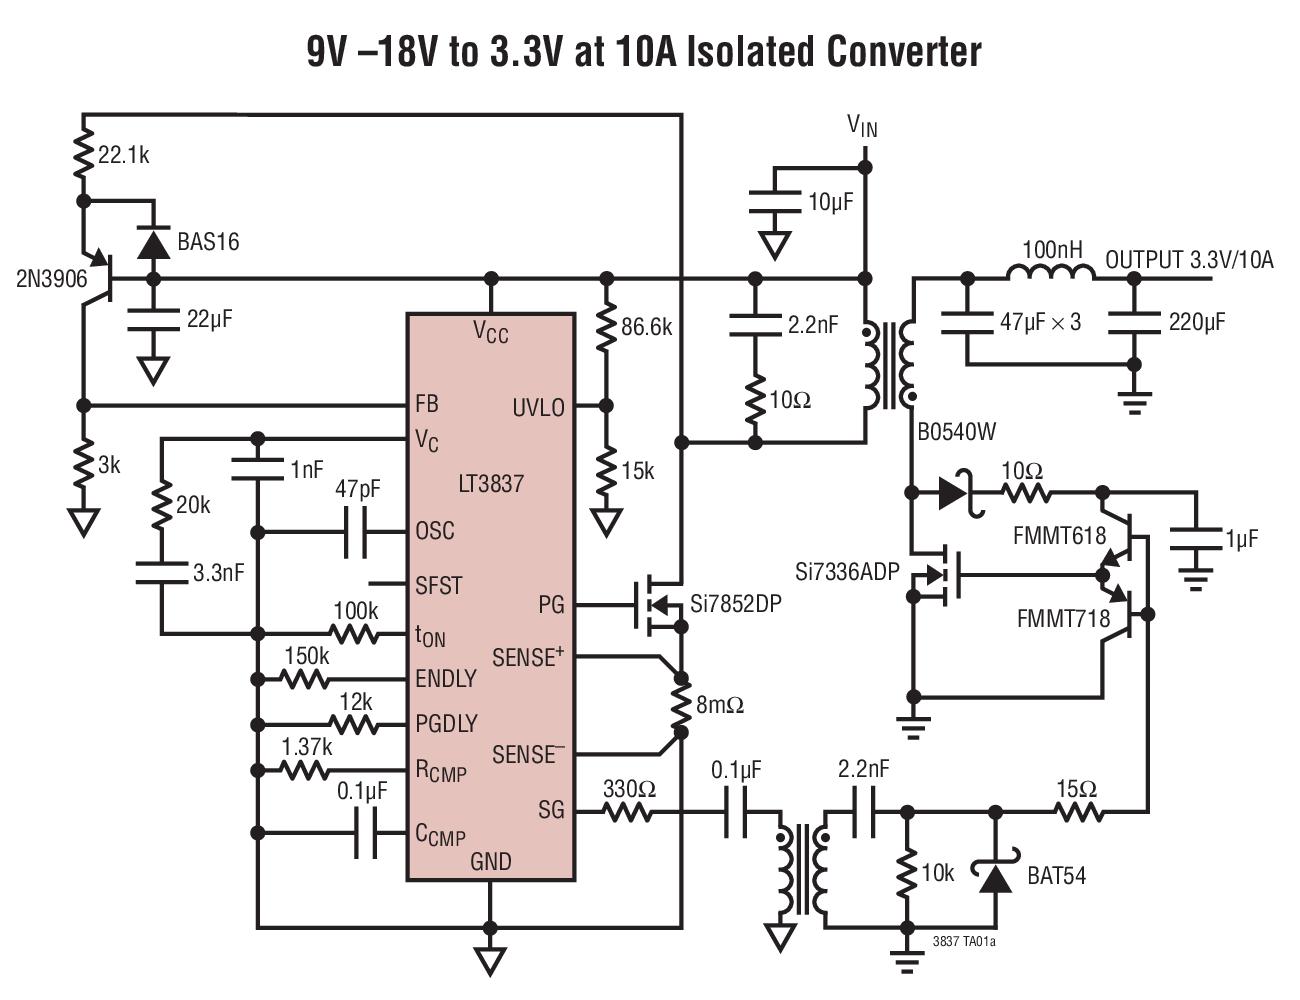 LT3837 是一款隔离型开关稳压控制器,专为中等功率反激式拓扑结构而设计。一种典型应用是 10W 至 60W,该器件从一个 DC 电源来供电。 LT3837 是电流模式控制器,通过在反激期间利用一个变压器绕组来检测副端电压,它可调节一个输出电压。这使得能够在不采用光隔离器的情况下实现严格的输出调节,从而改善了动态响应和可靠性。同步整流提高了转换器效率,并改善了多输出转换器中的输出交叉调整率。 LT3837 工作于强制连续导通模式,该模式改善了多绕组应用中的交叉调整率。开关频率可由用户来设置,并能够在外部